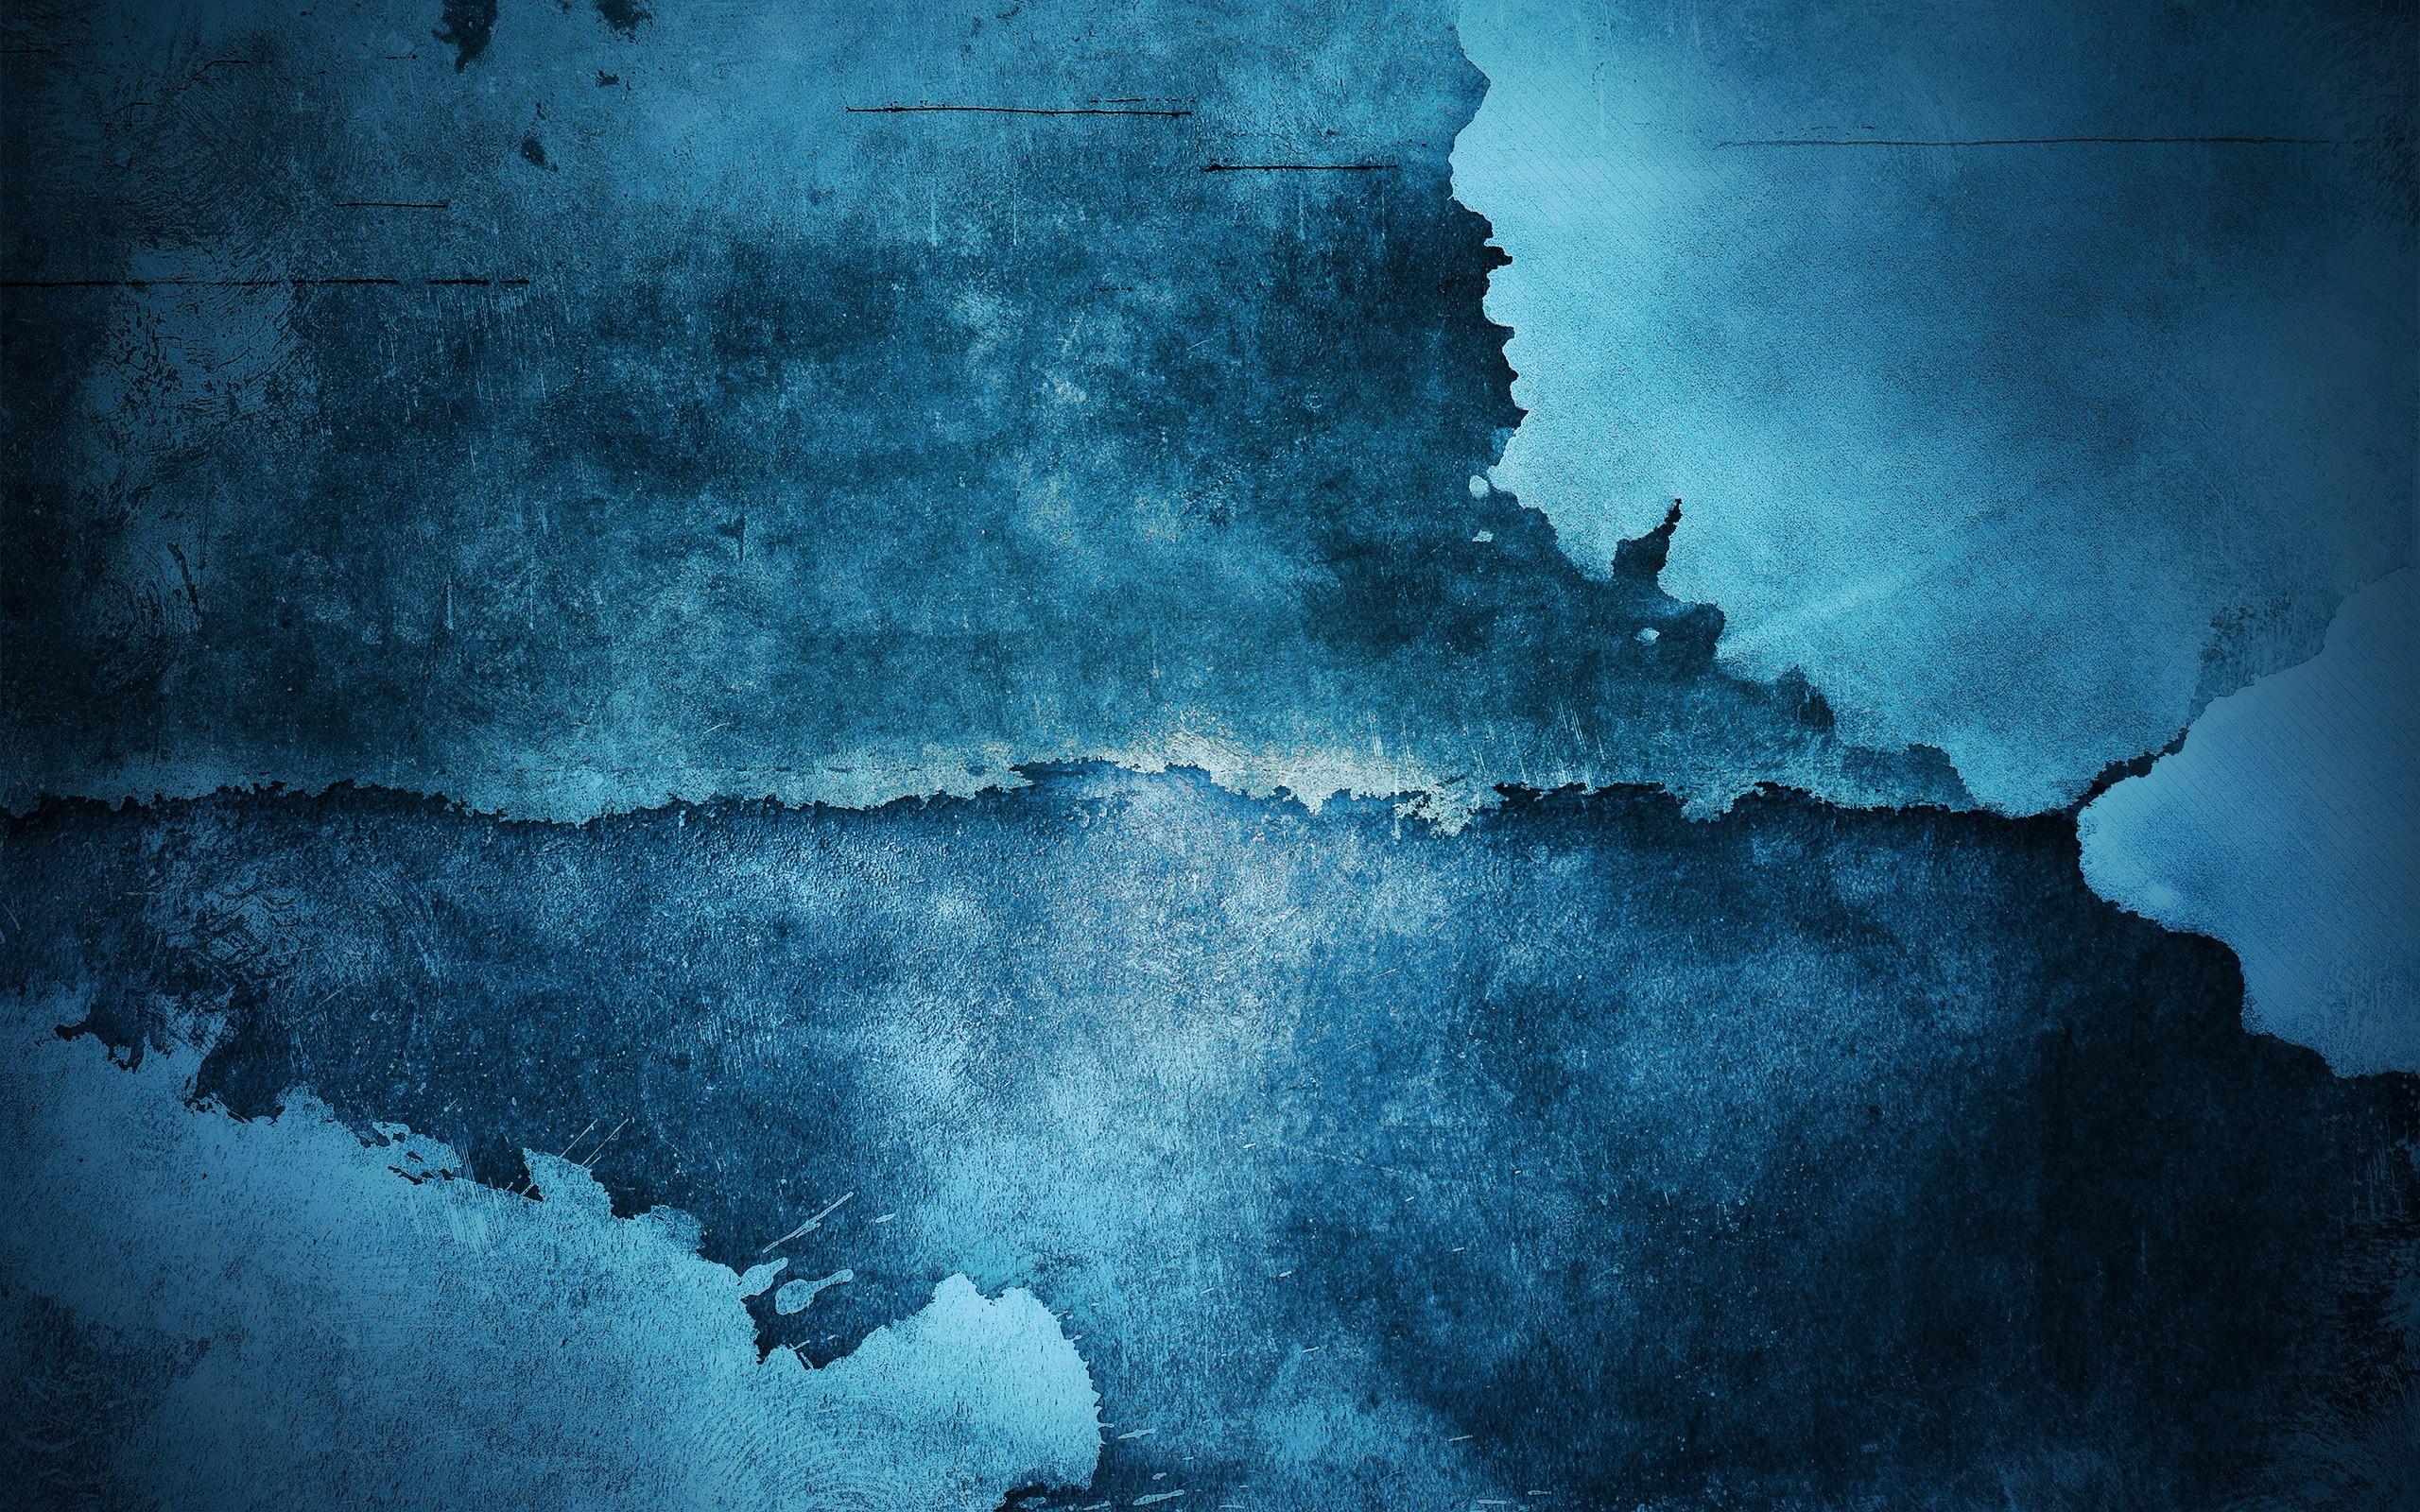 2560x1600 Blue Grunge Wallpaper 2560x1600 Blue Grunge Artwork Backgrounds